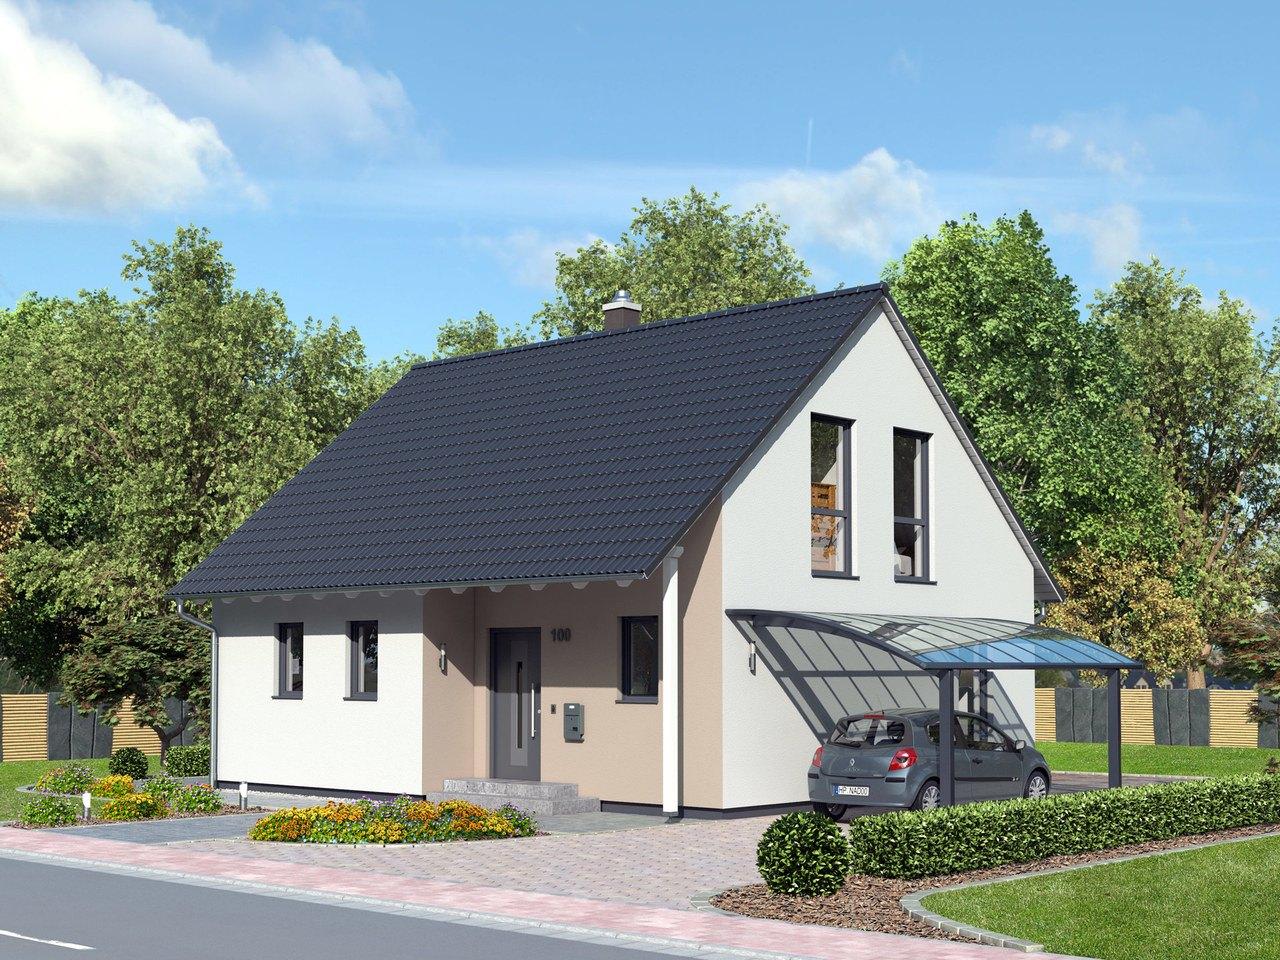 Kompakthaus 100 Straßenansicht von Ytong Bausatzhaus